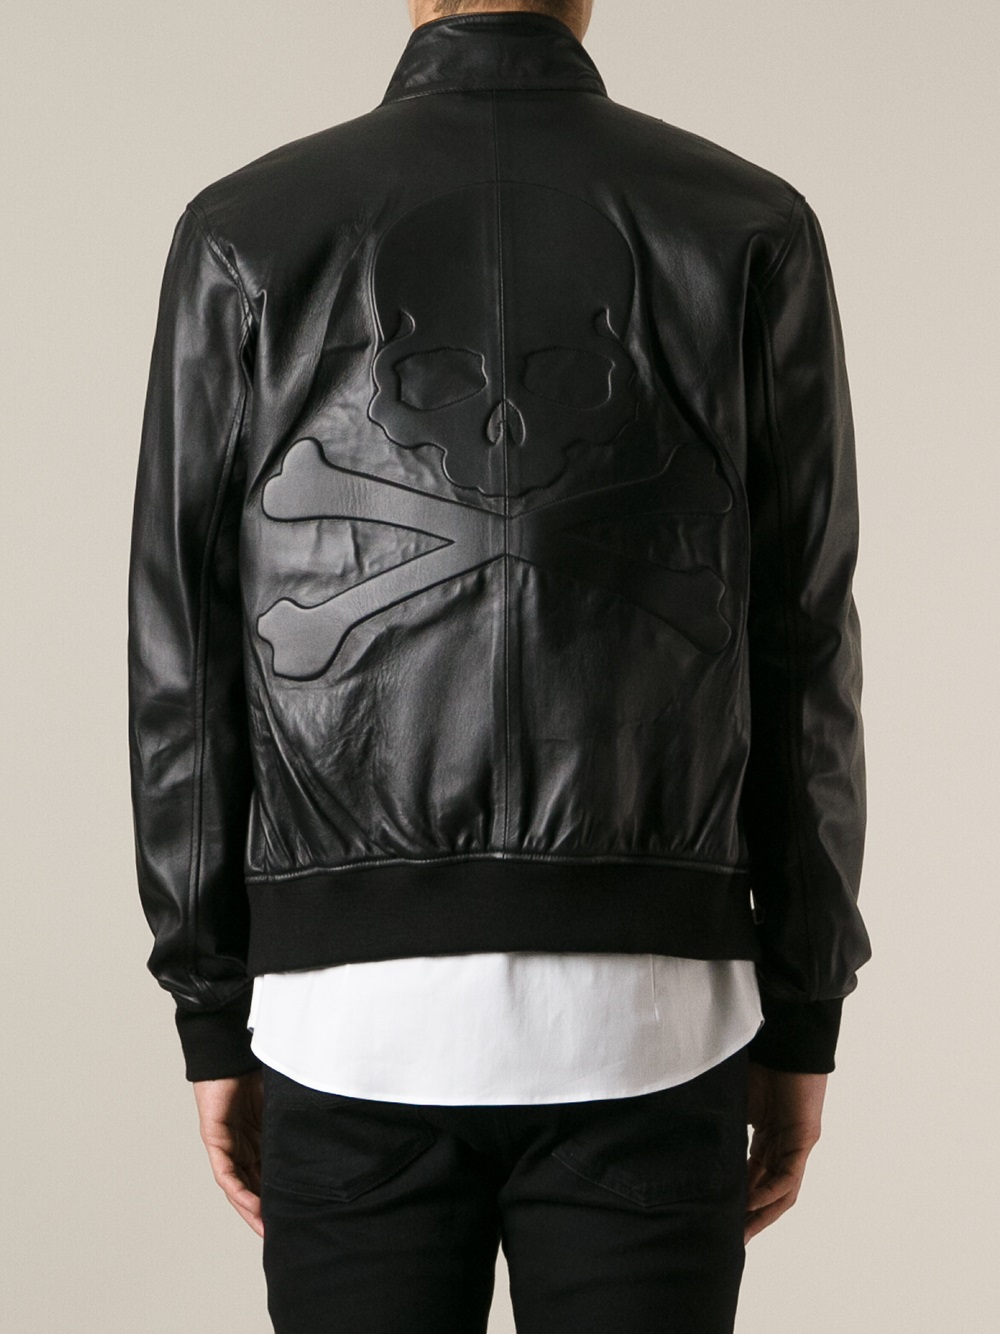 Philipp plein jacket skull